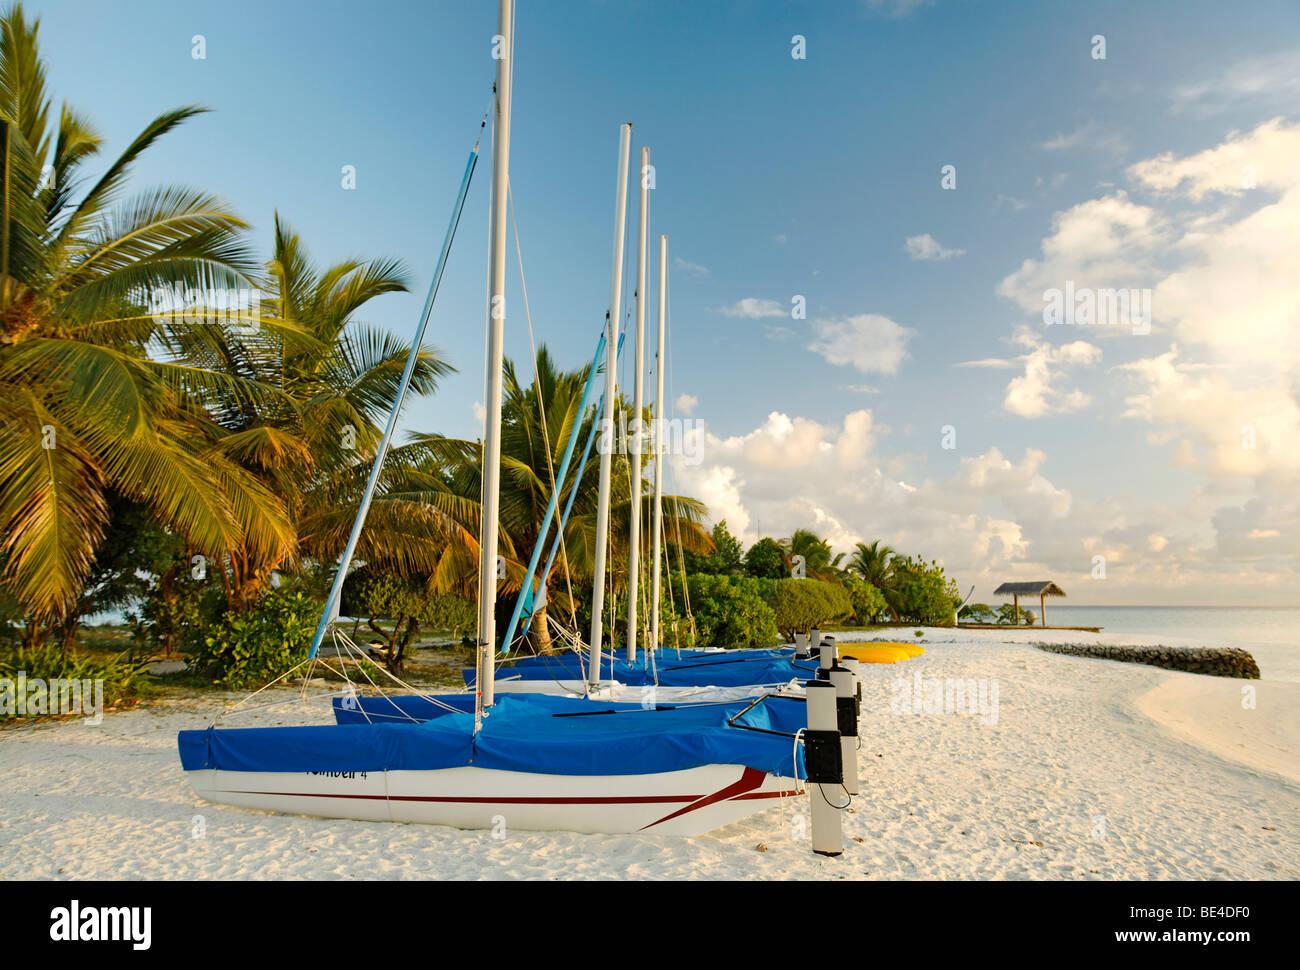 Hobby Auto, catamarani, le barche a vela, fianco a fianco, sulla spiaggia, palme, Maldive isola, South Male Atoll, Immagini Stock